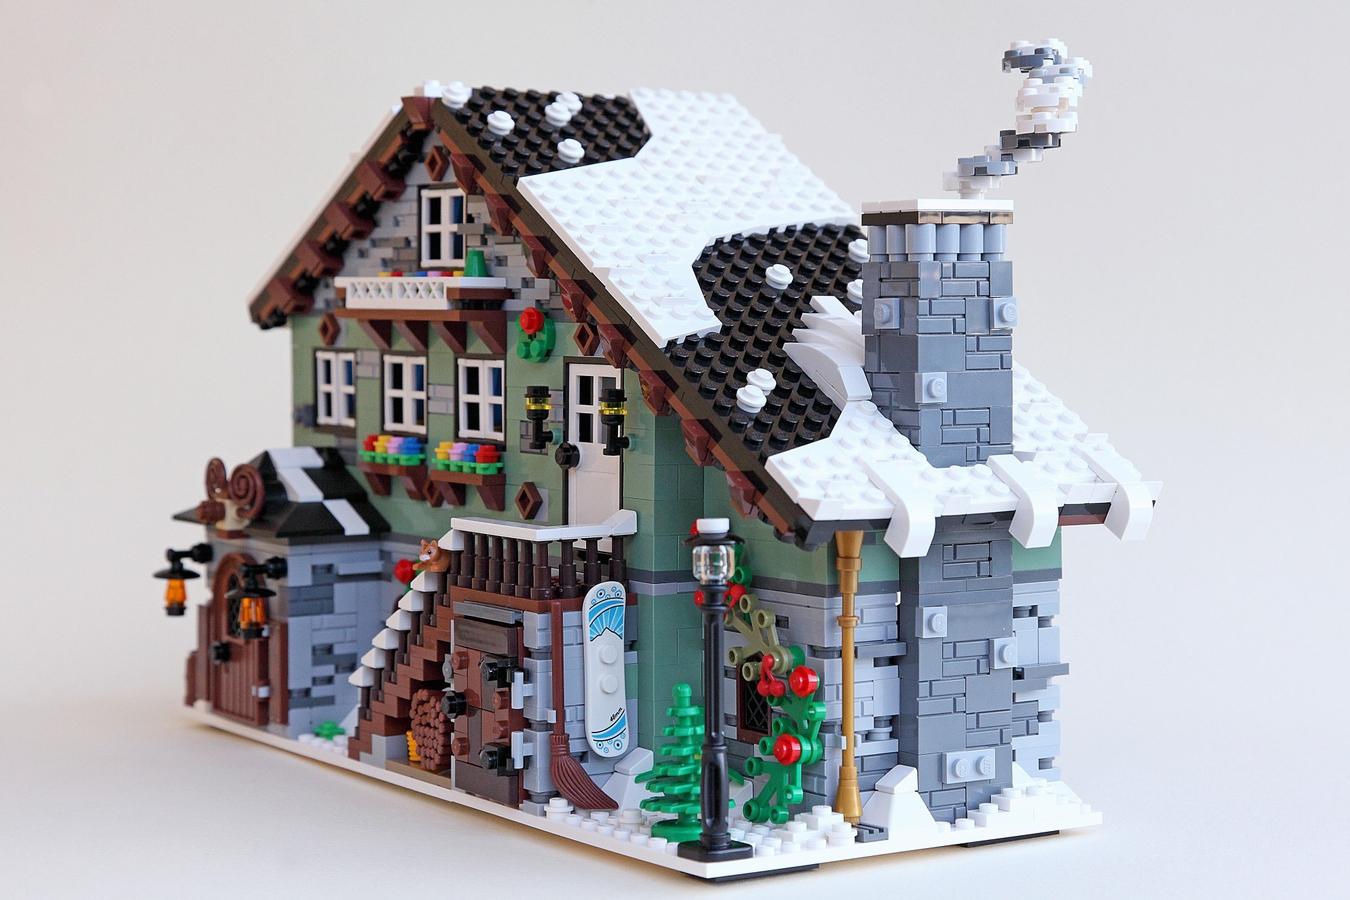 lego-ideas-winter-chalet-sdrnet-2019-4 zusammengebaut.com